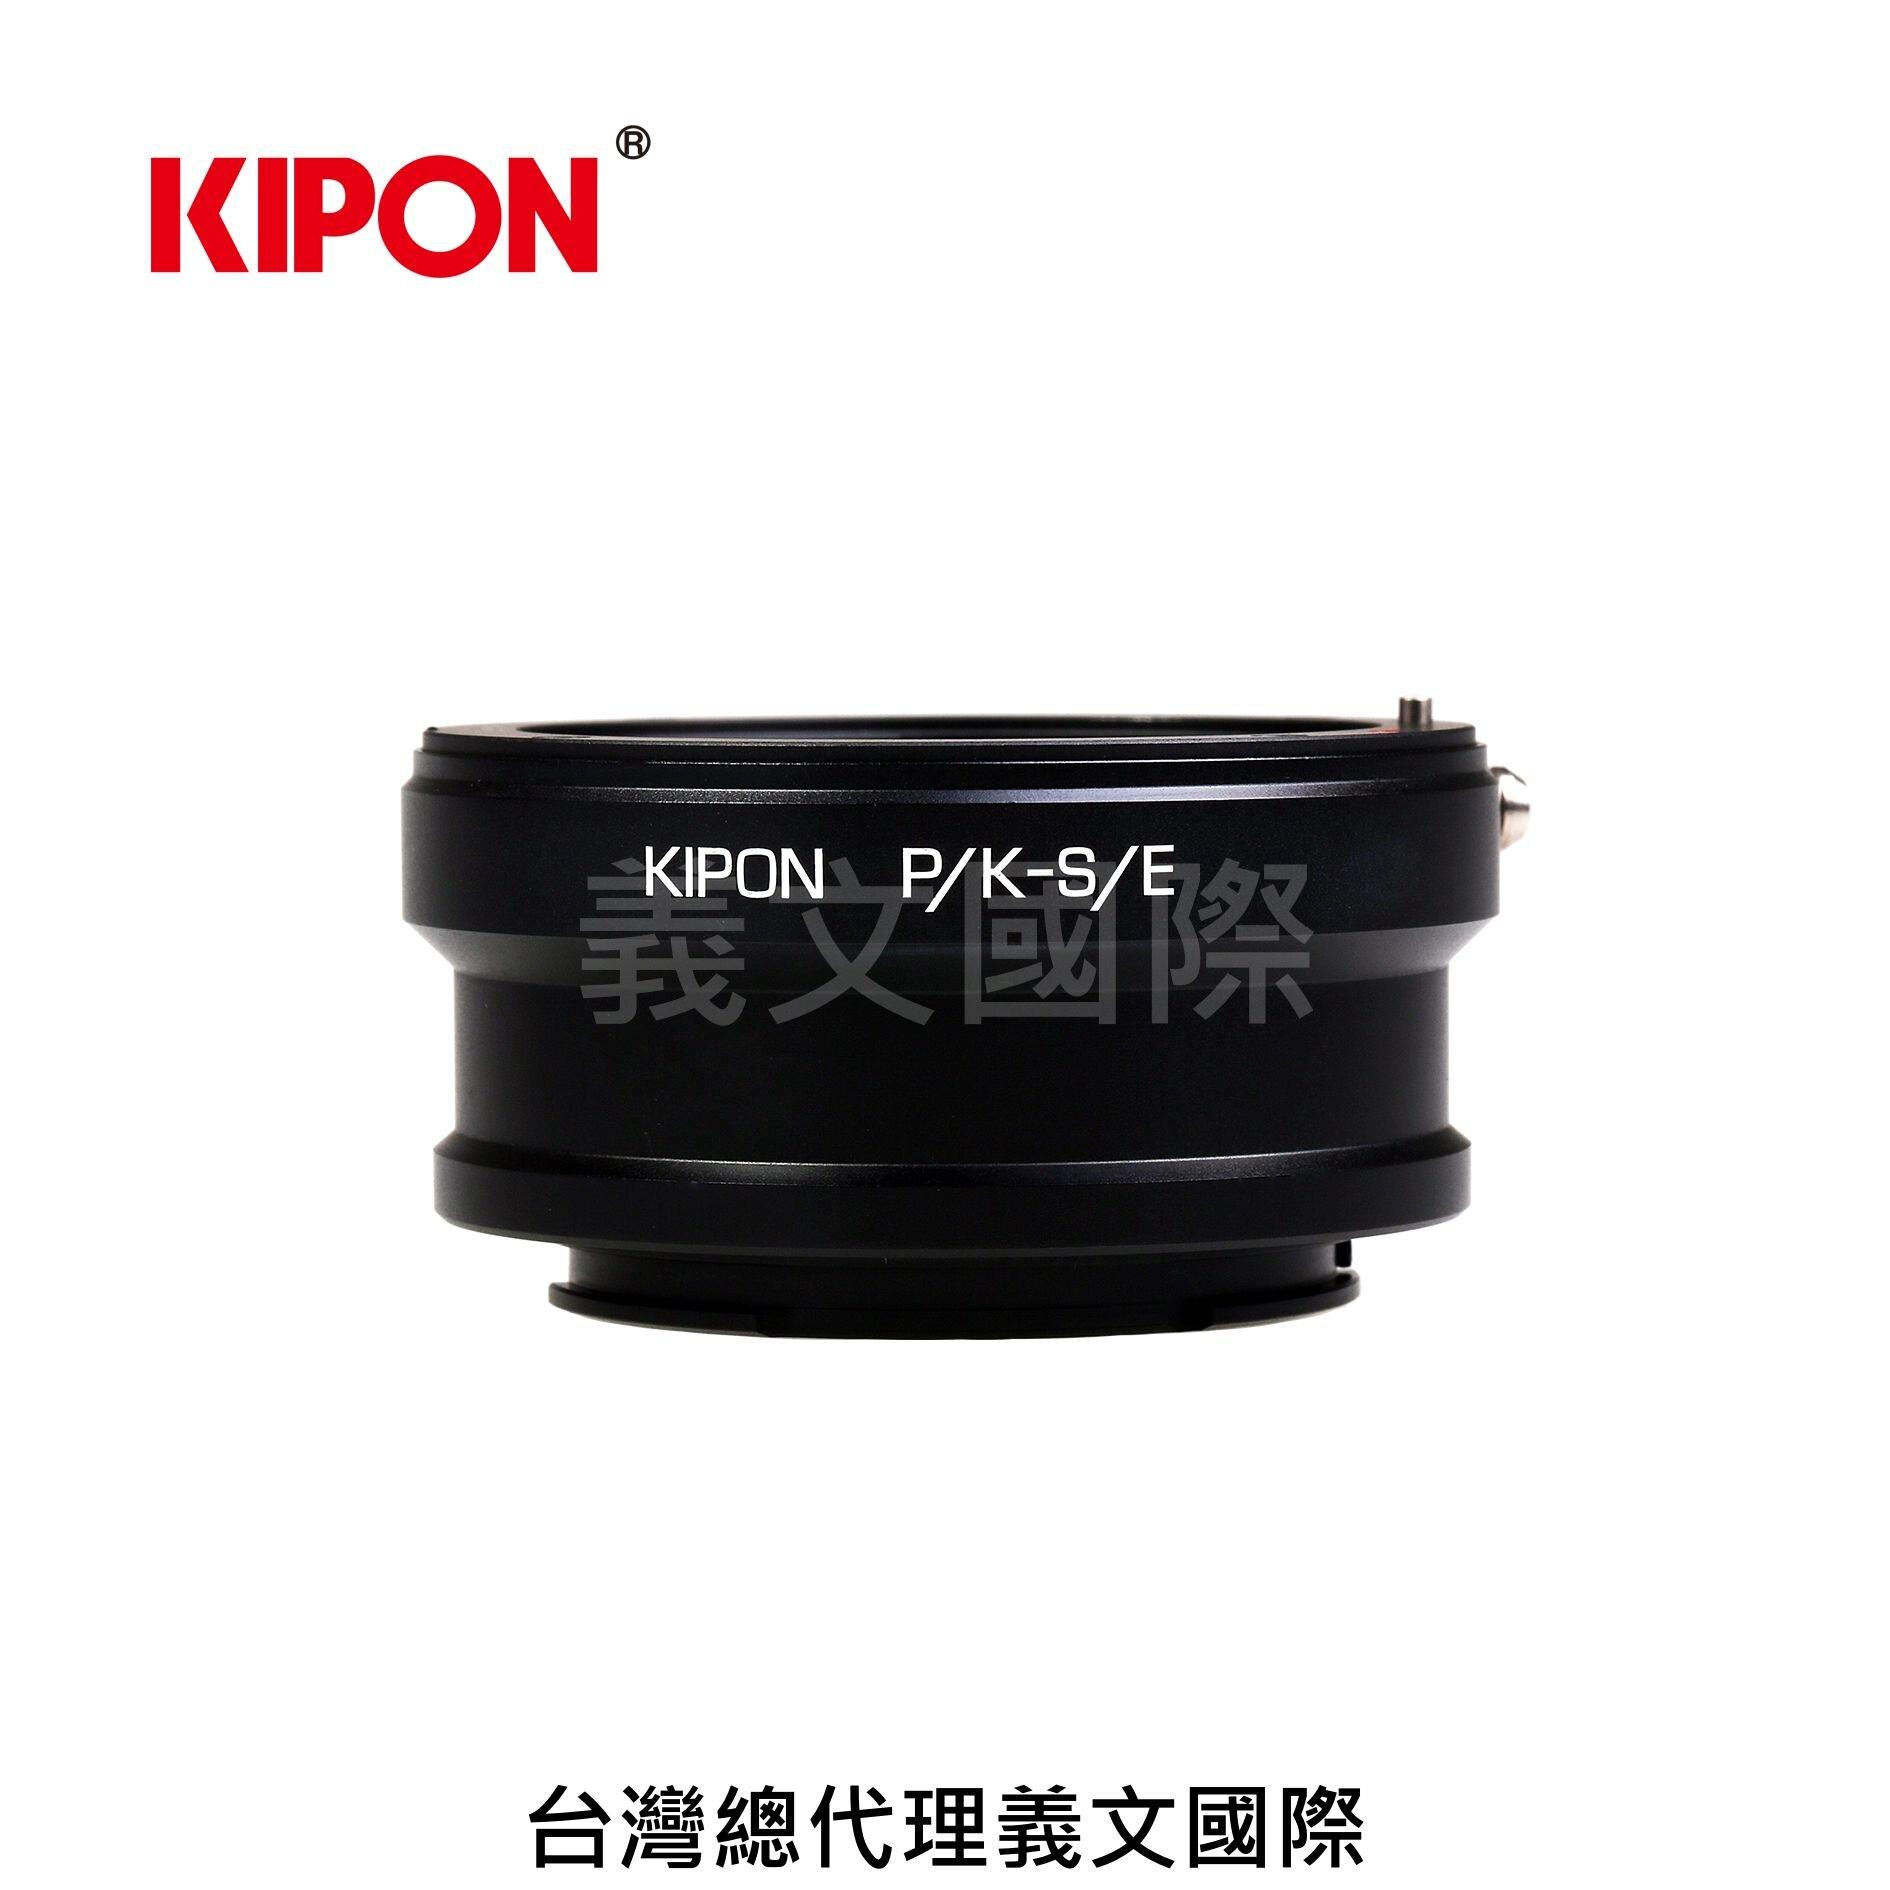 Kipon轉接環專賣店:PK-S/E(Sony E,Nex,索尼,PENTAX K,A7R3,A72,A7,A6500)